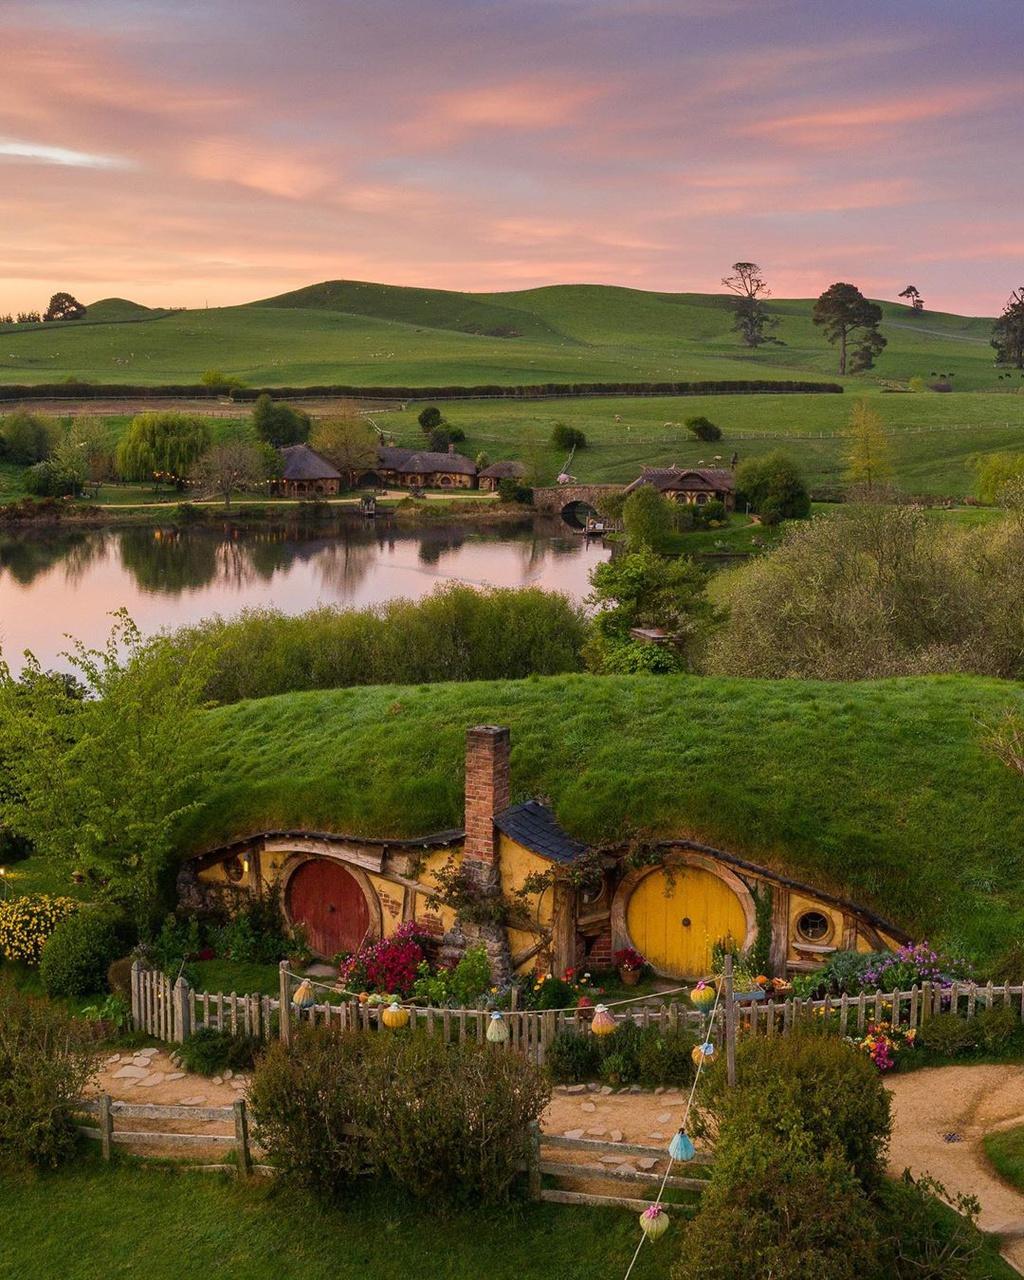 Lạc vào thế giới cổ tích ở ngôi làng người lùn New Zealand